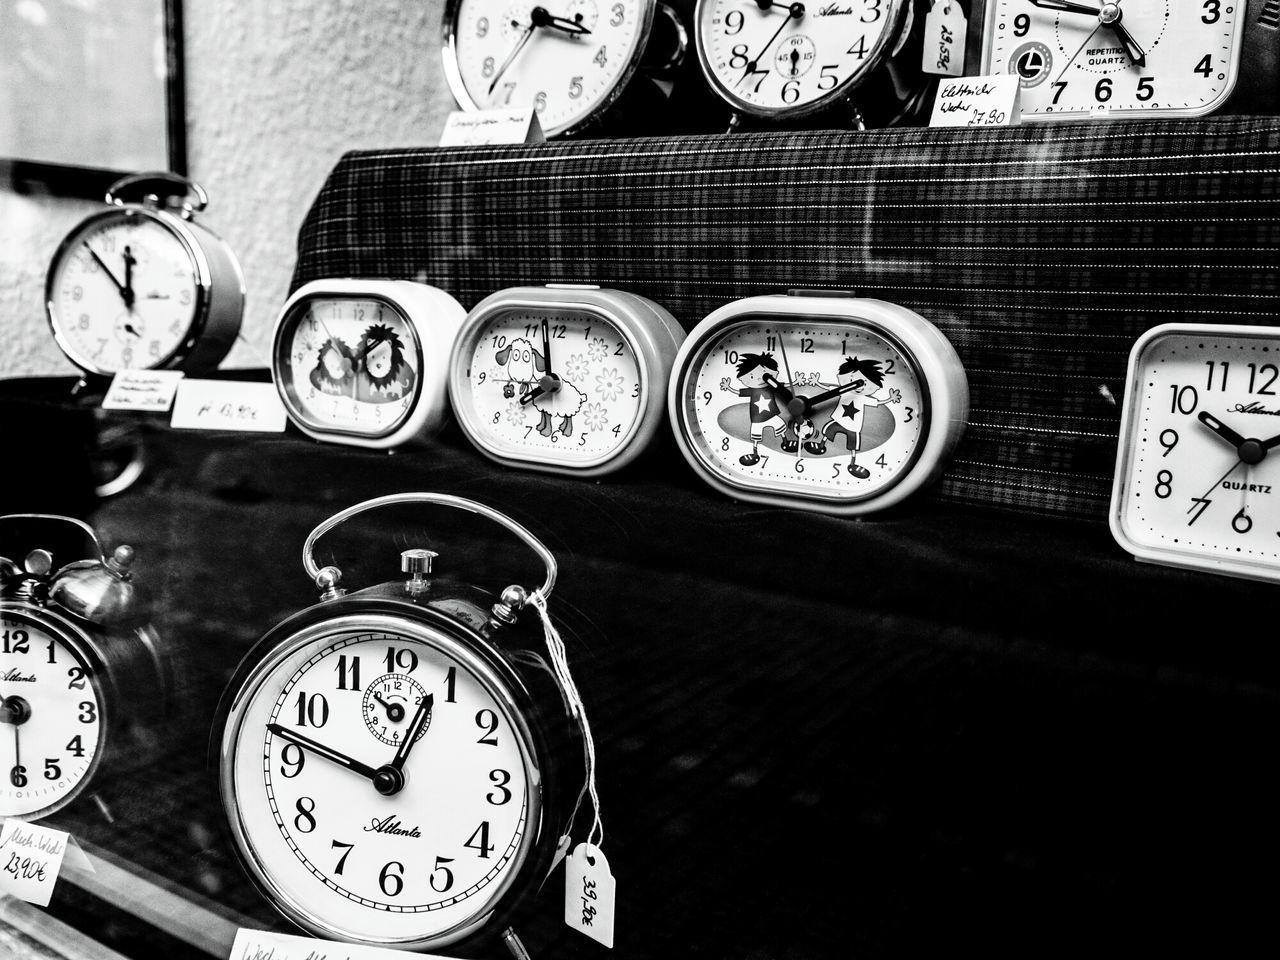 Es gibt sie noch! Die kleinen Läden, wo man die Dinge bekommt, die man auch im Internet nie bestellen würde ... The Shop Around The Corner Taking Photos Better Look Twice The Devil's In The Detail From My Point Of View Fresh 3 Urban Exploration Discover Your City Black & White Monochrome Street Photography Urban Photography Urban Perspectives